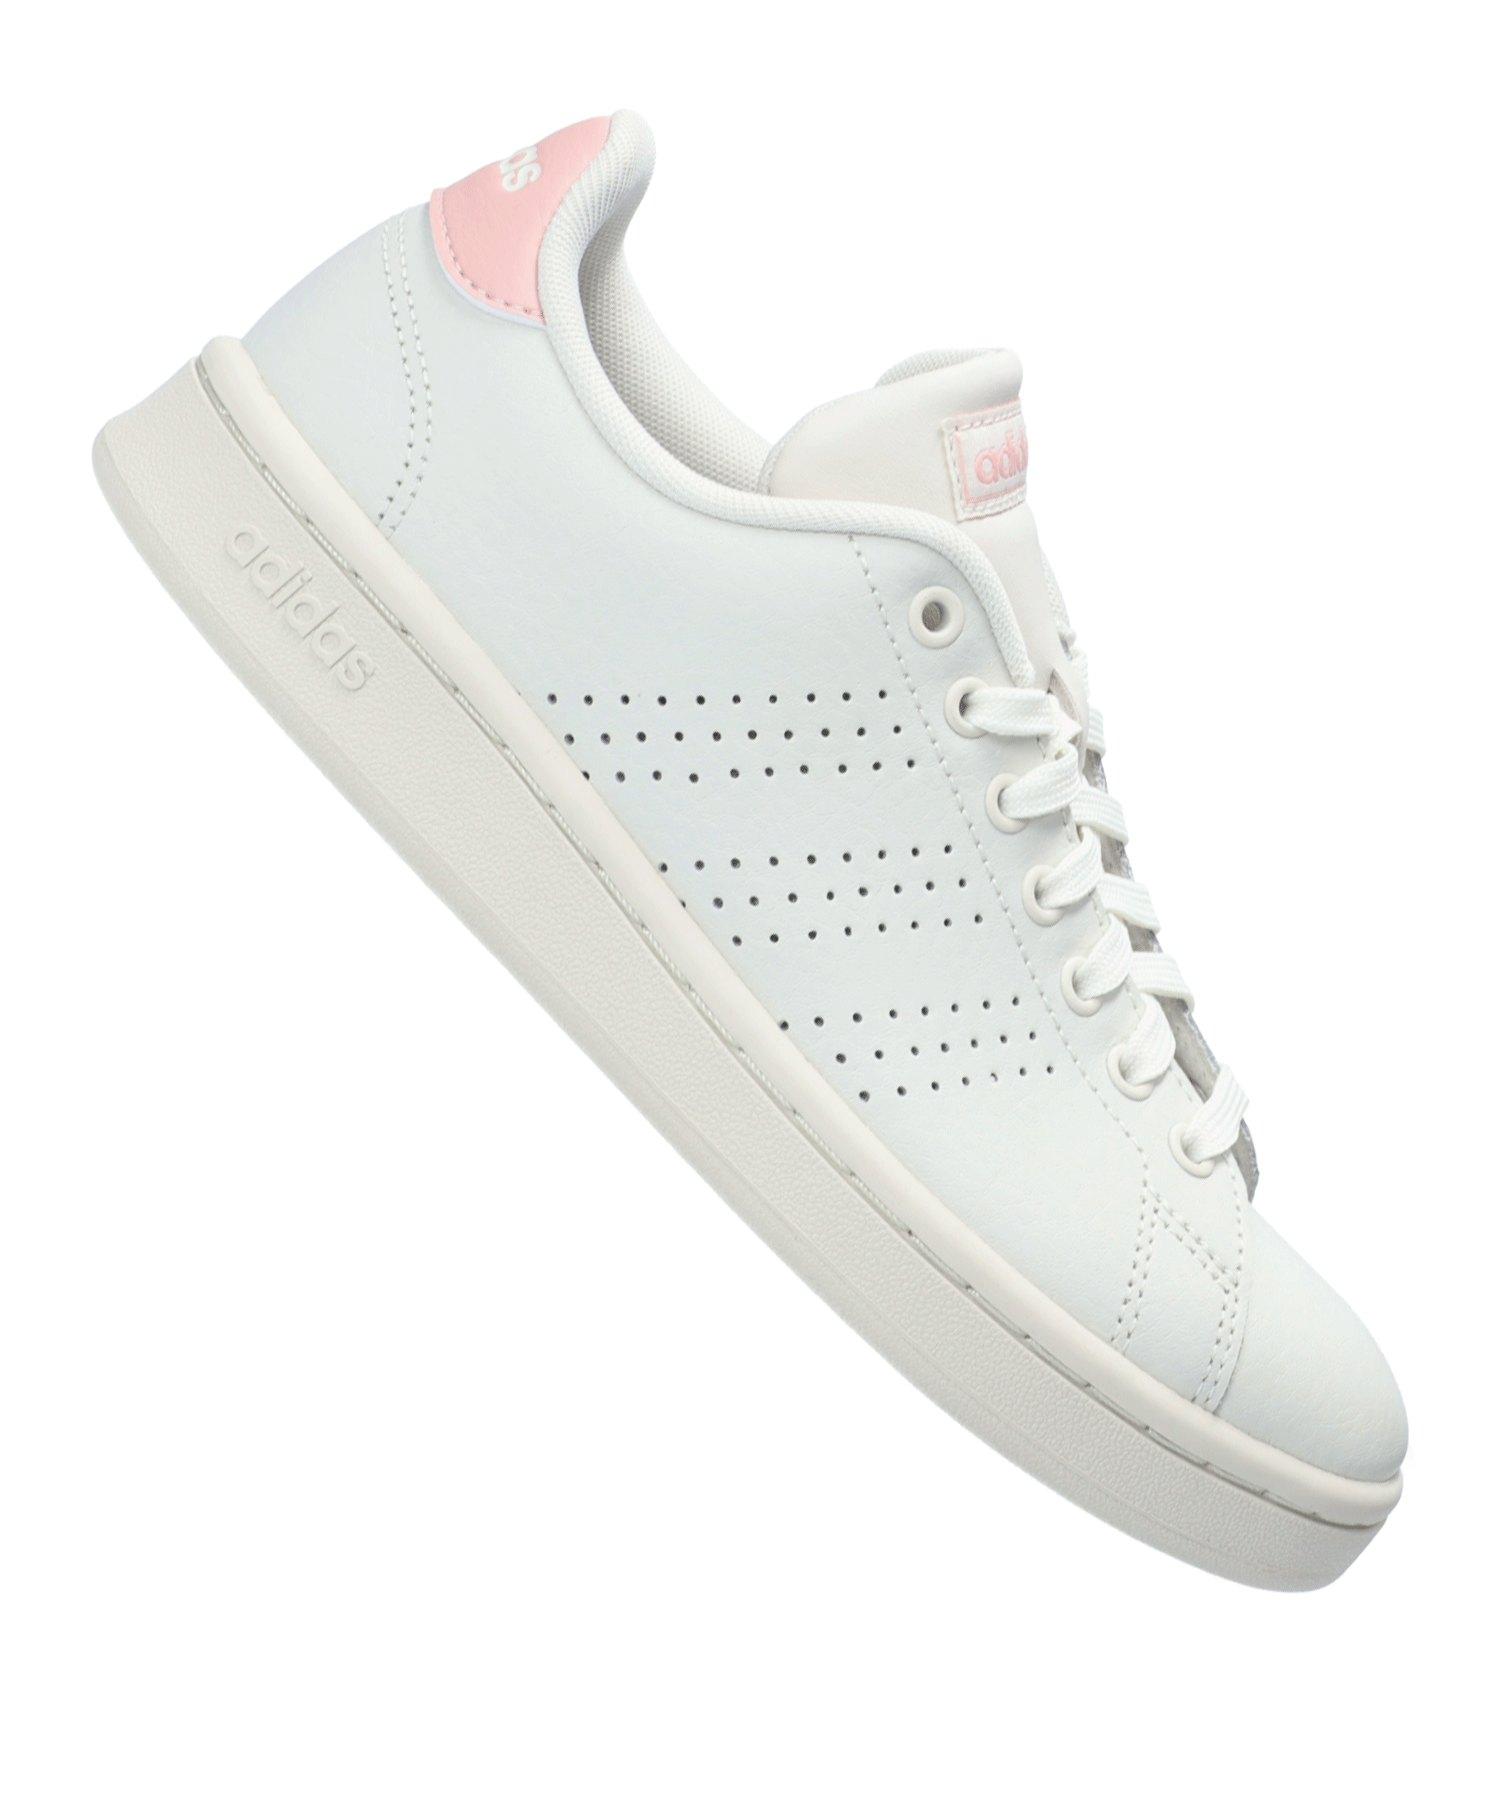 adidas Advantage Sneaker Damen Weiss Rosa